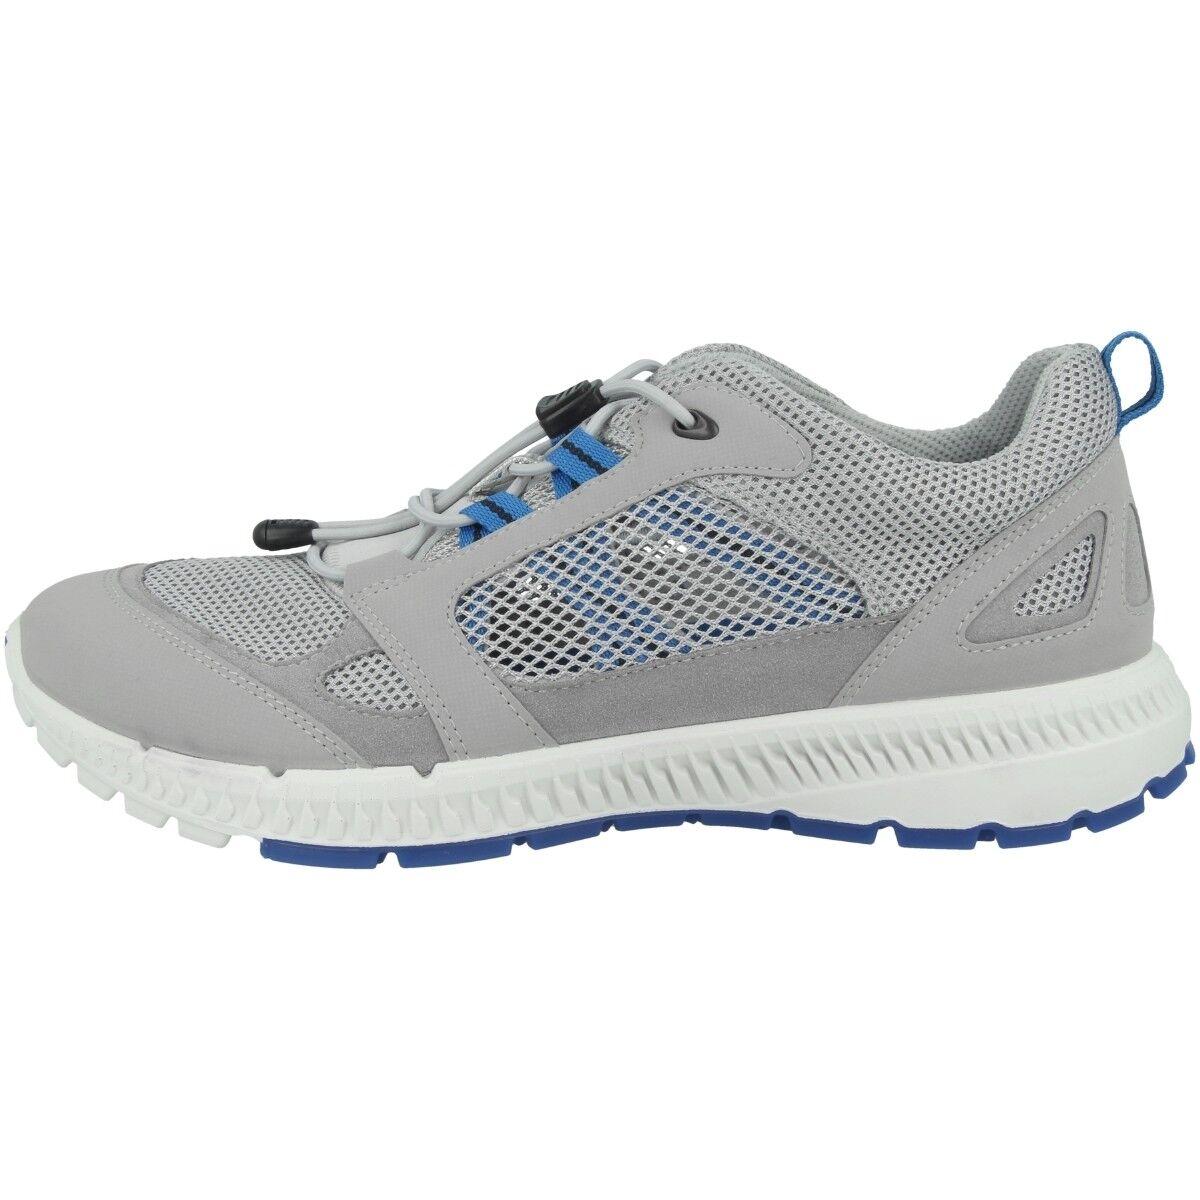 Ecco Terracruise II Schuhe Trekking Outdoor Turnschuhe wild dove 843014-55915 Lite